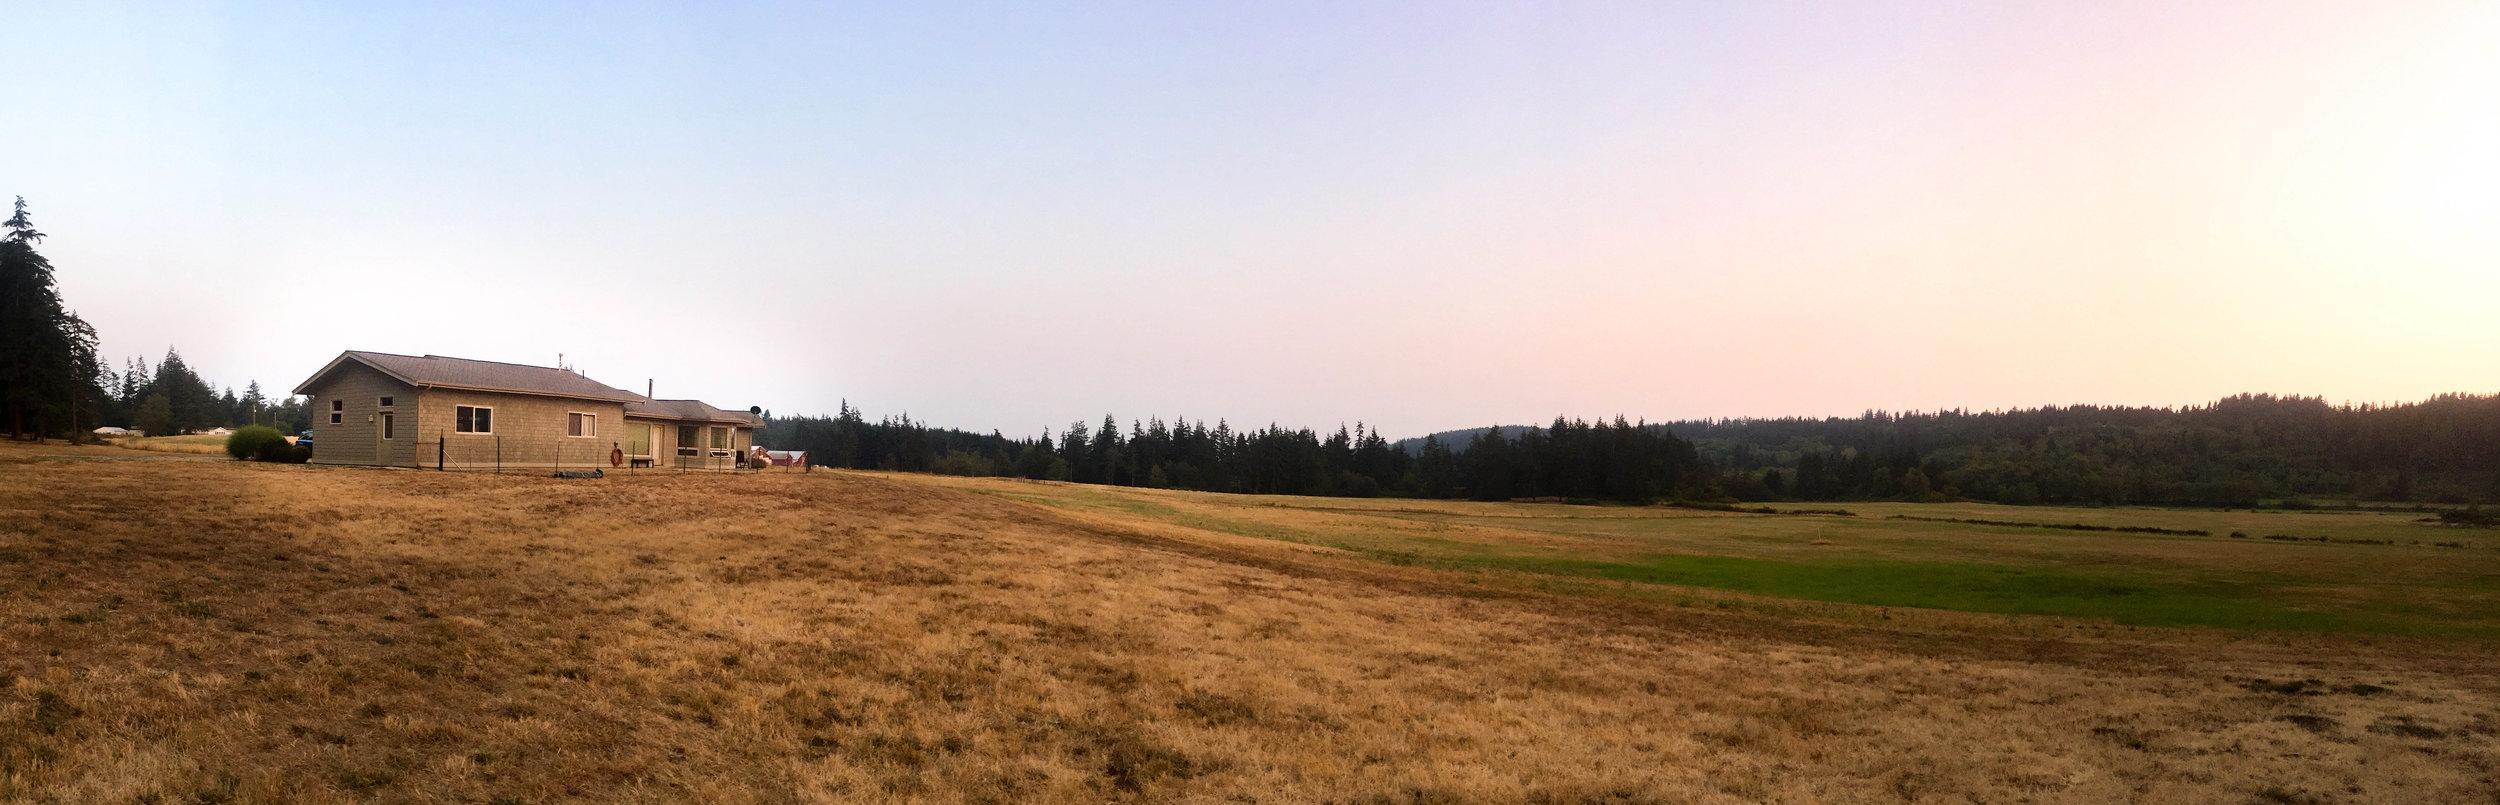 PanoramaHouse.jpg